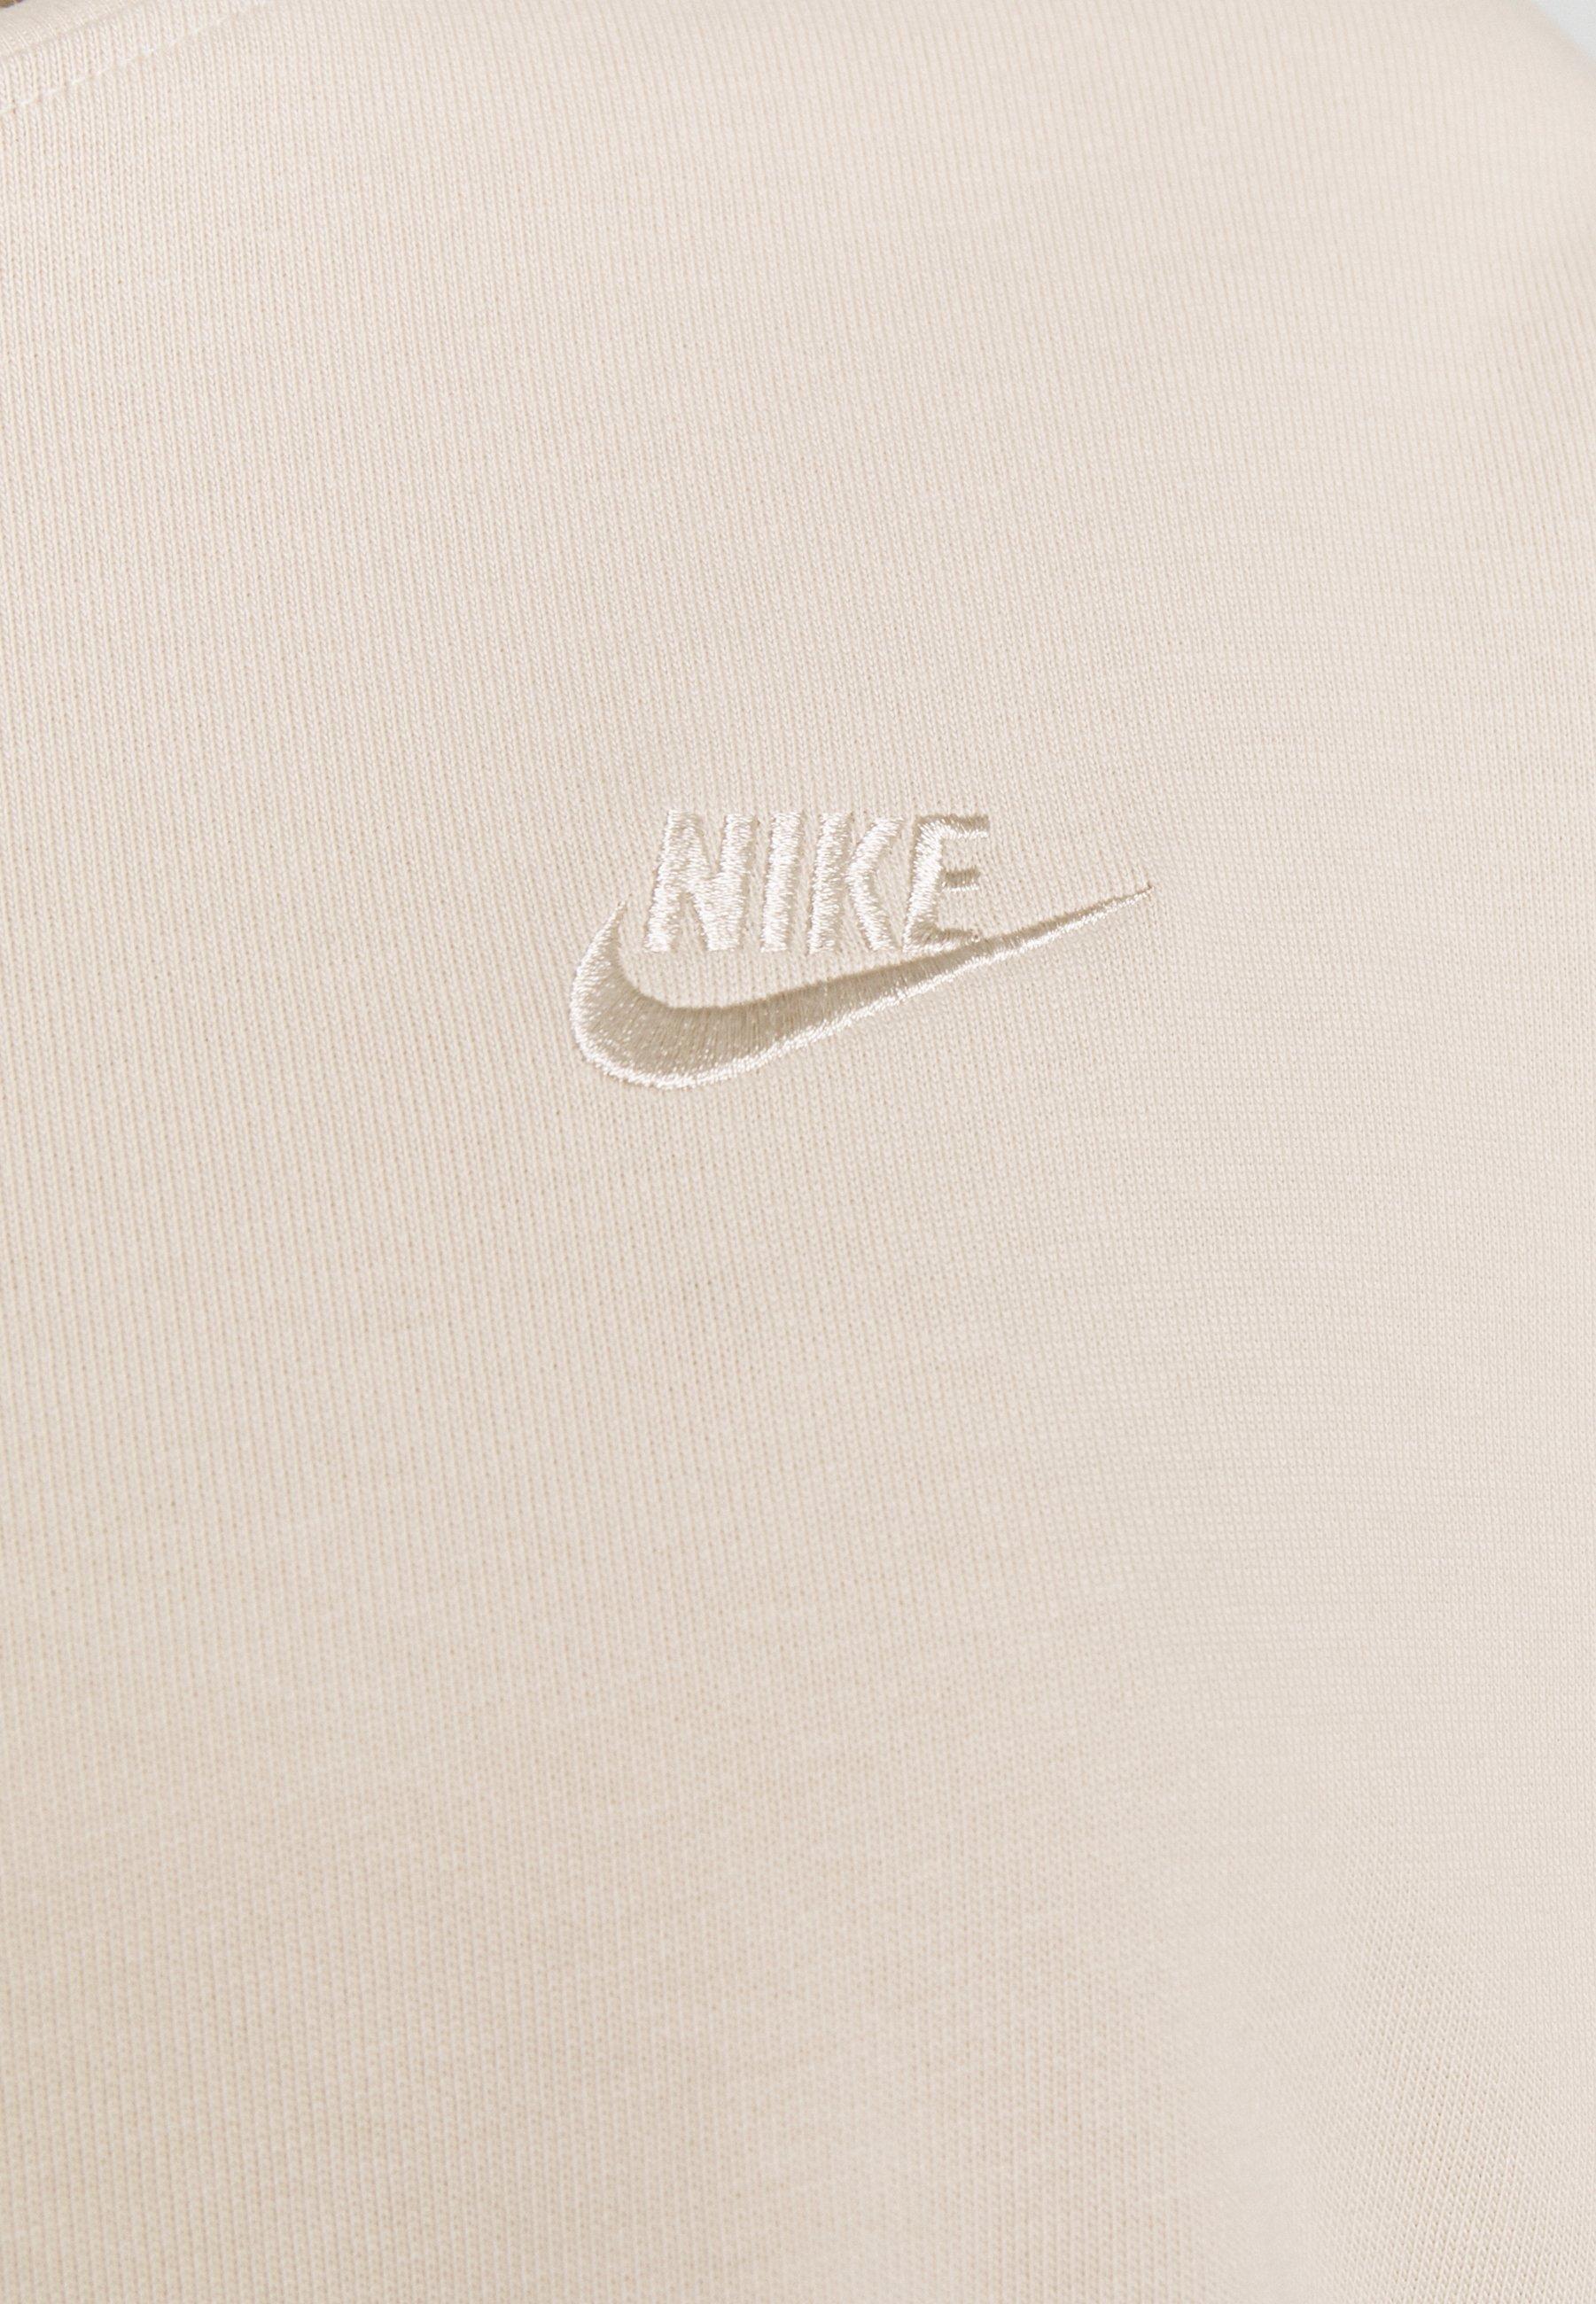 Nike Sportswear W NSW LS Topper langermet oatmealbeige